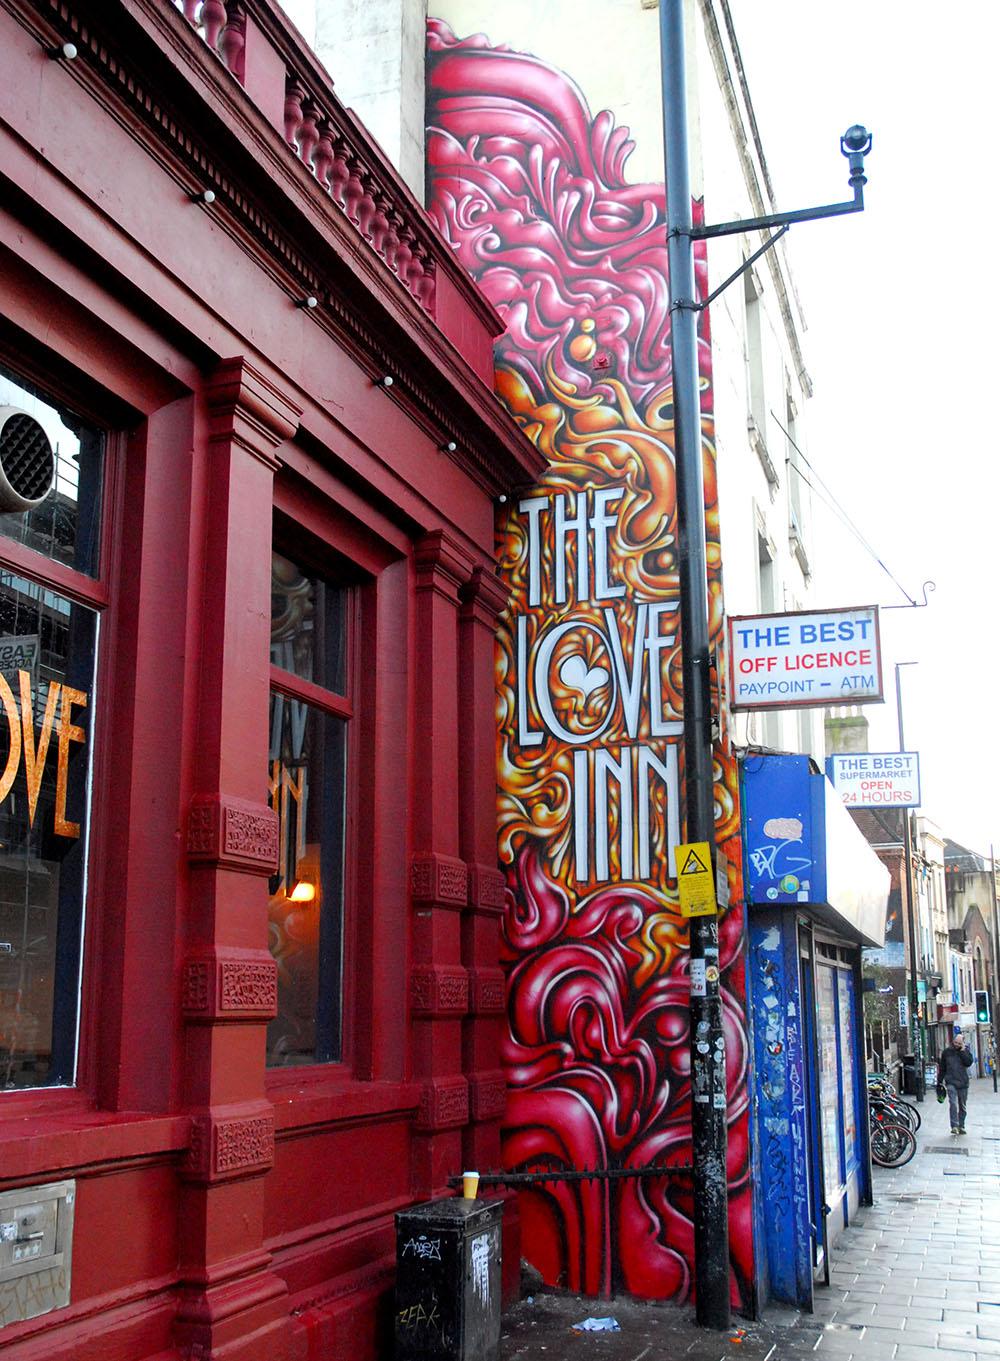 The Love Inn, Bristol '14